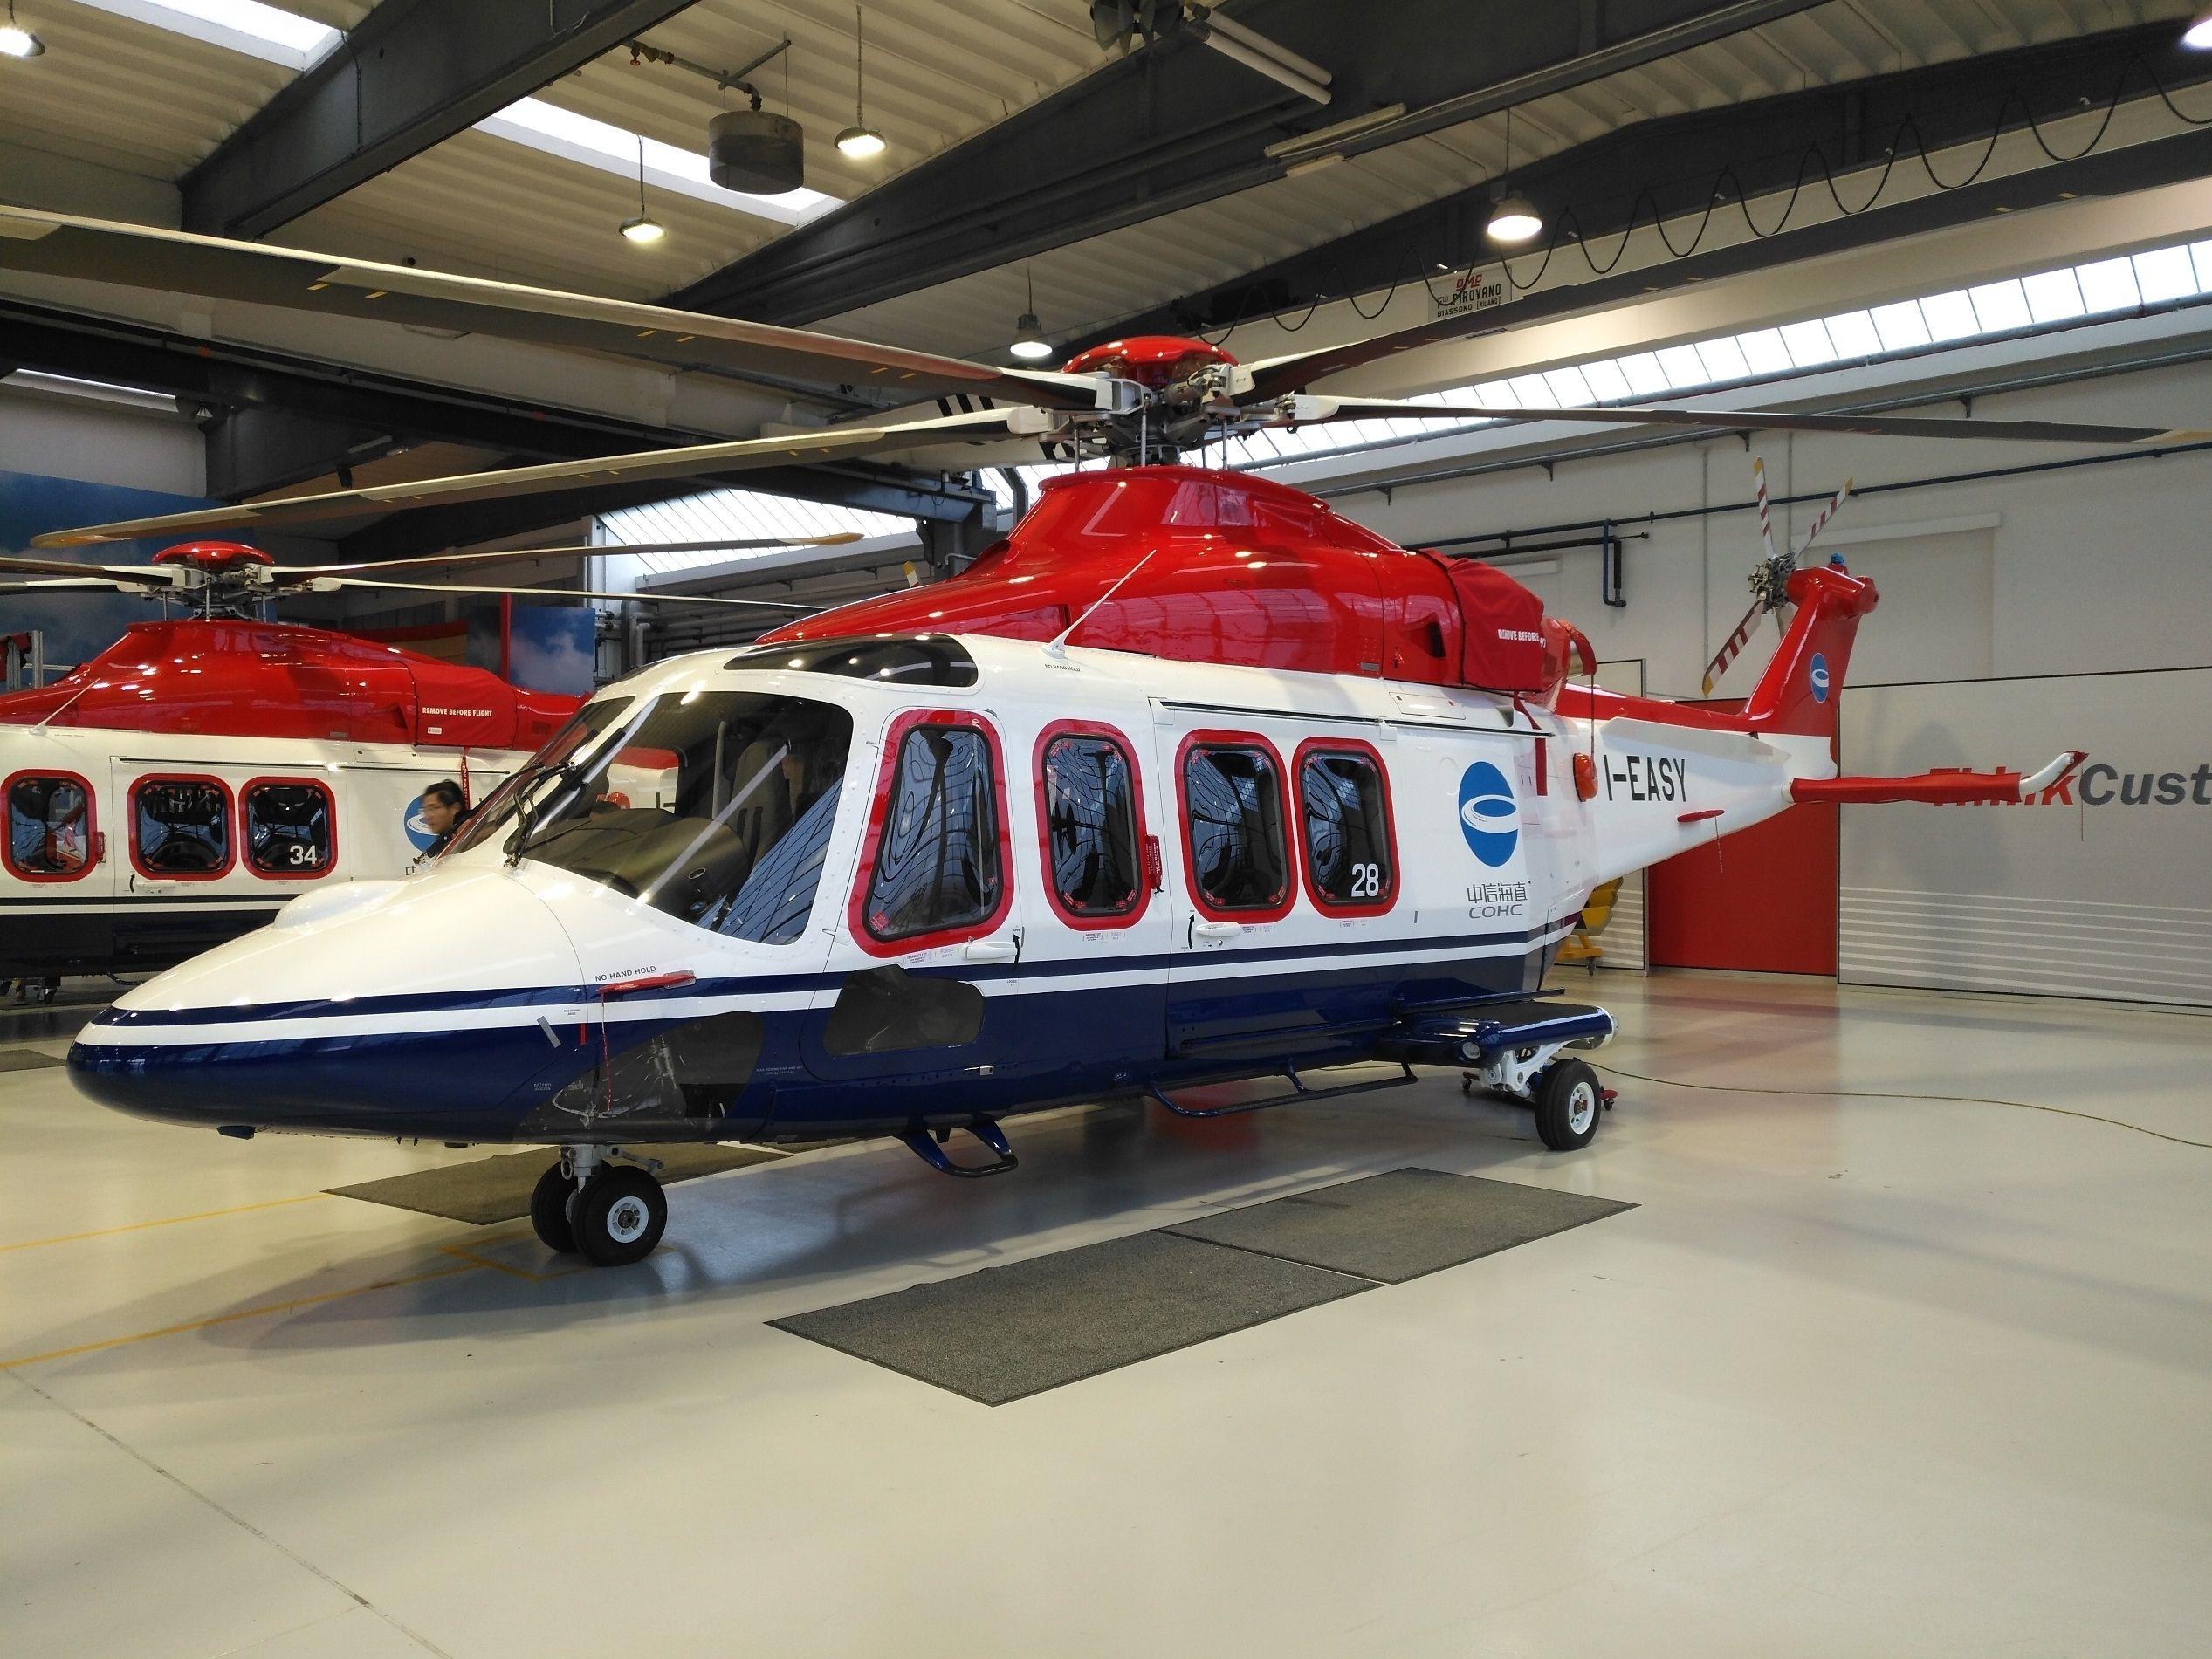 普惠为莱昂纳多AW139客户提供指定维护设施